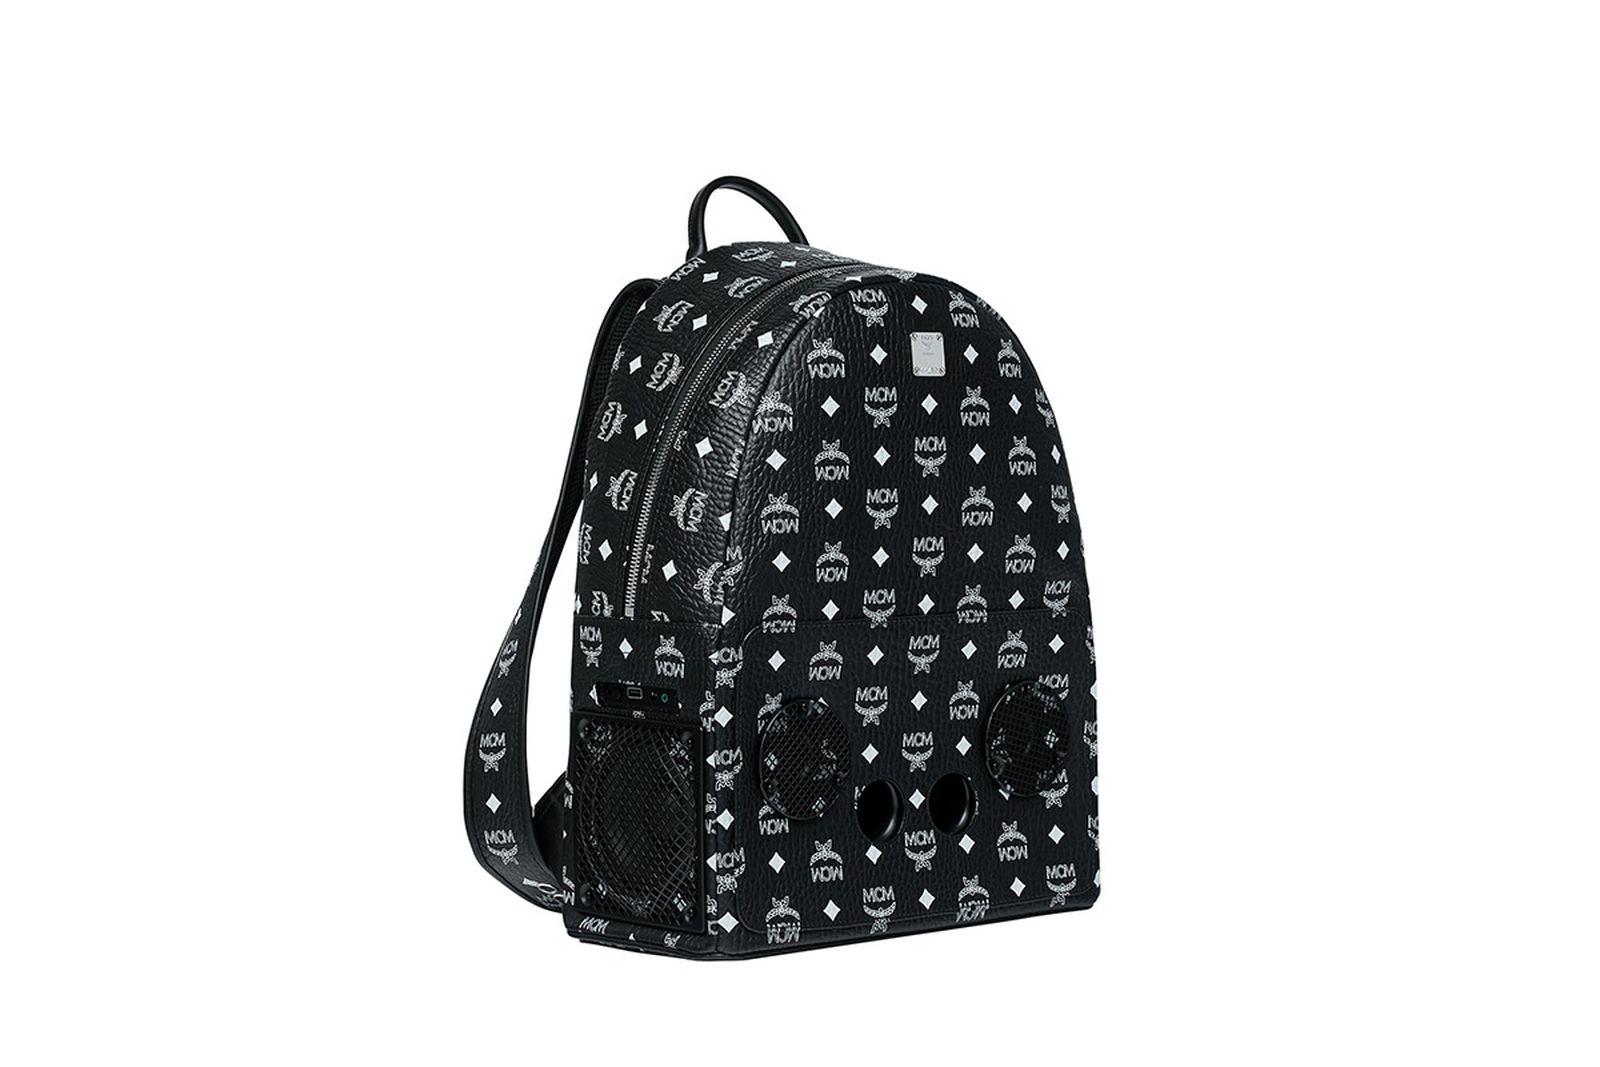 mcm wizpak backpack collaboration MCM x Wizpak